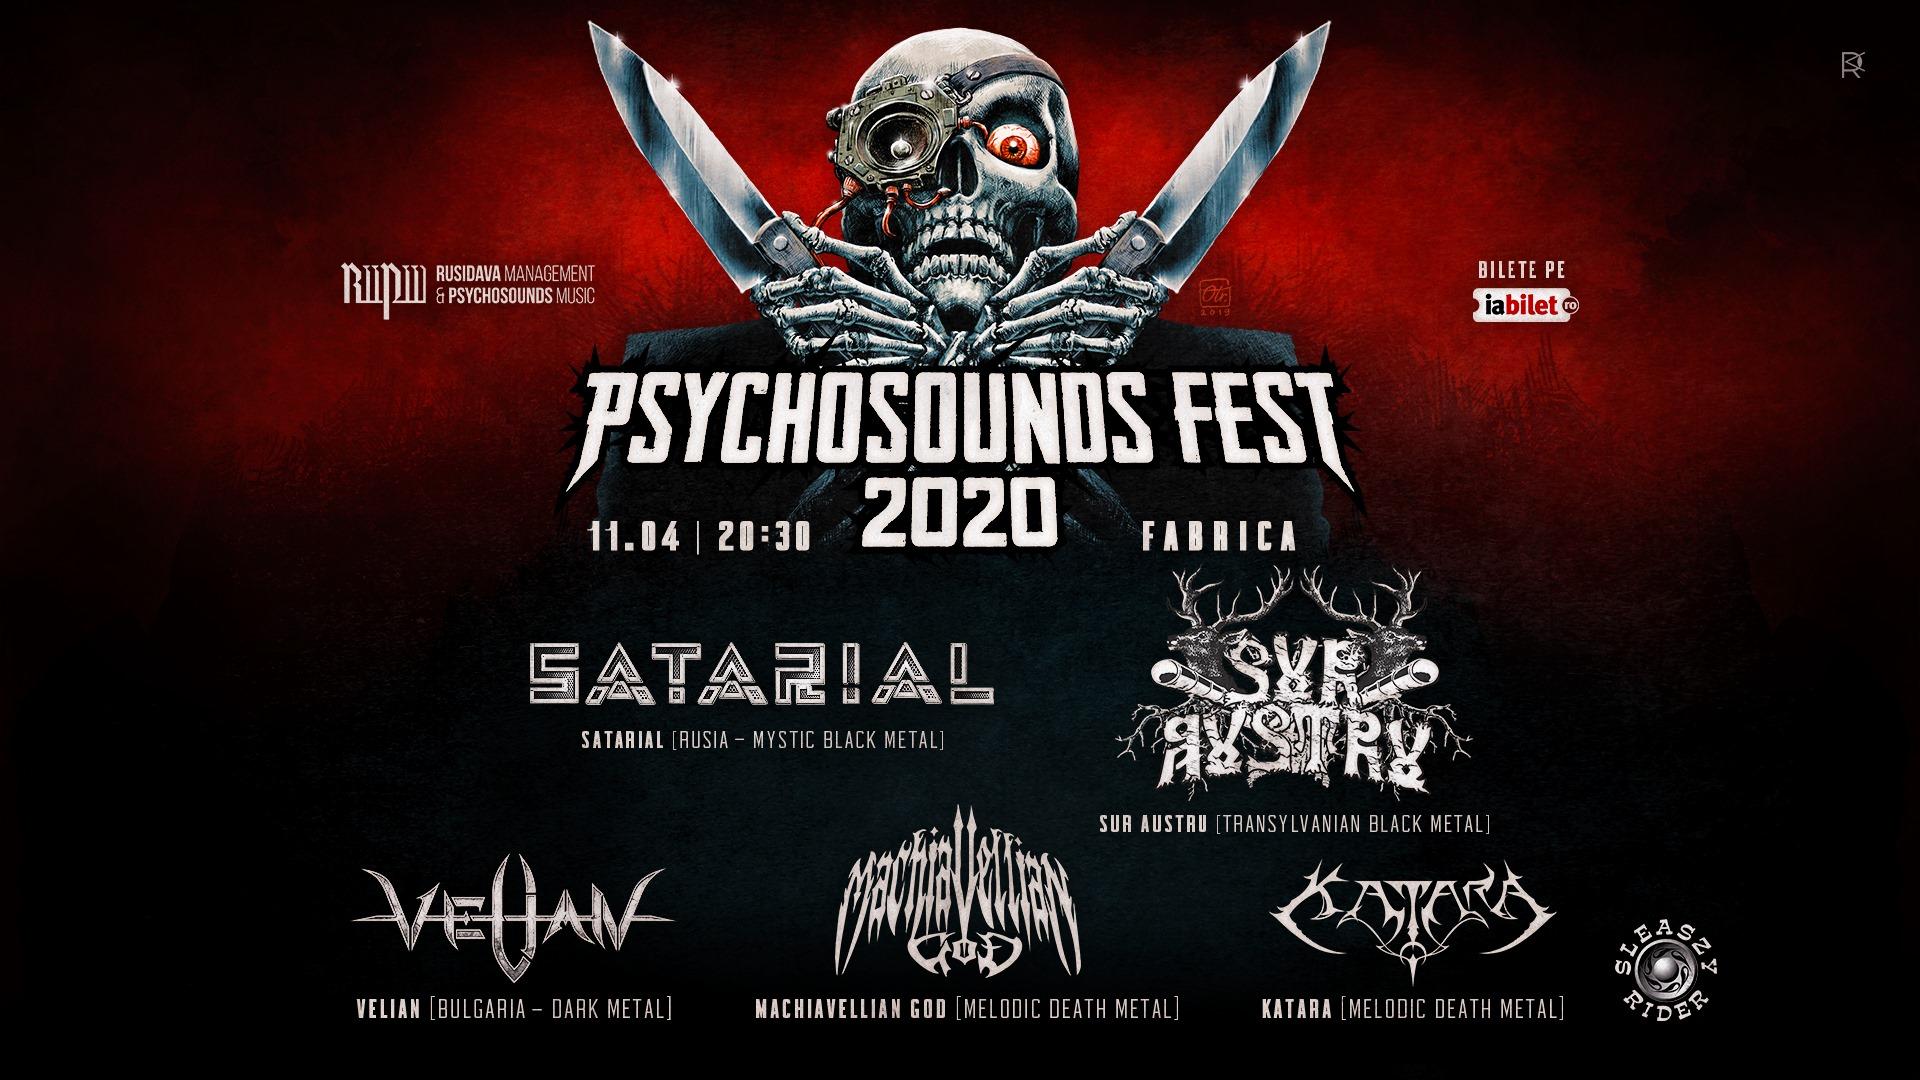 Psychosounds Fest 2020